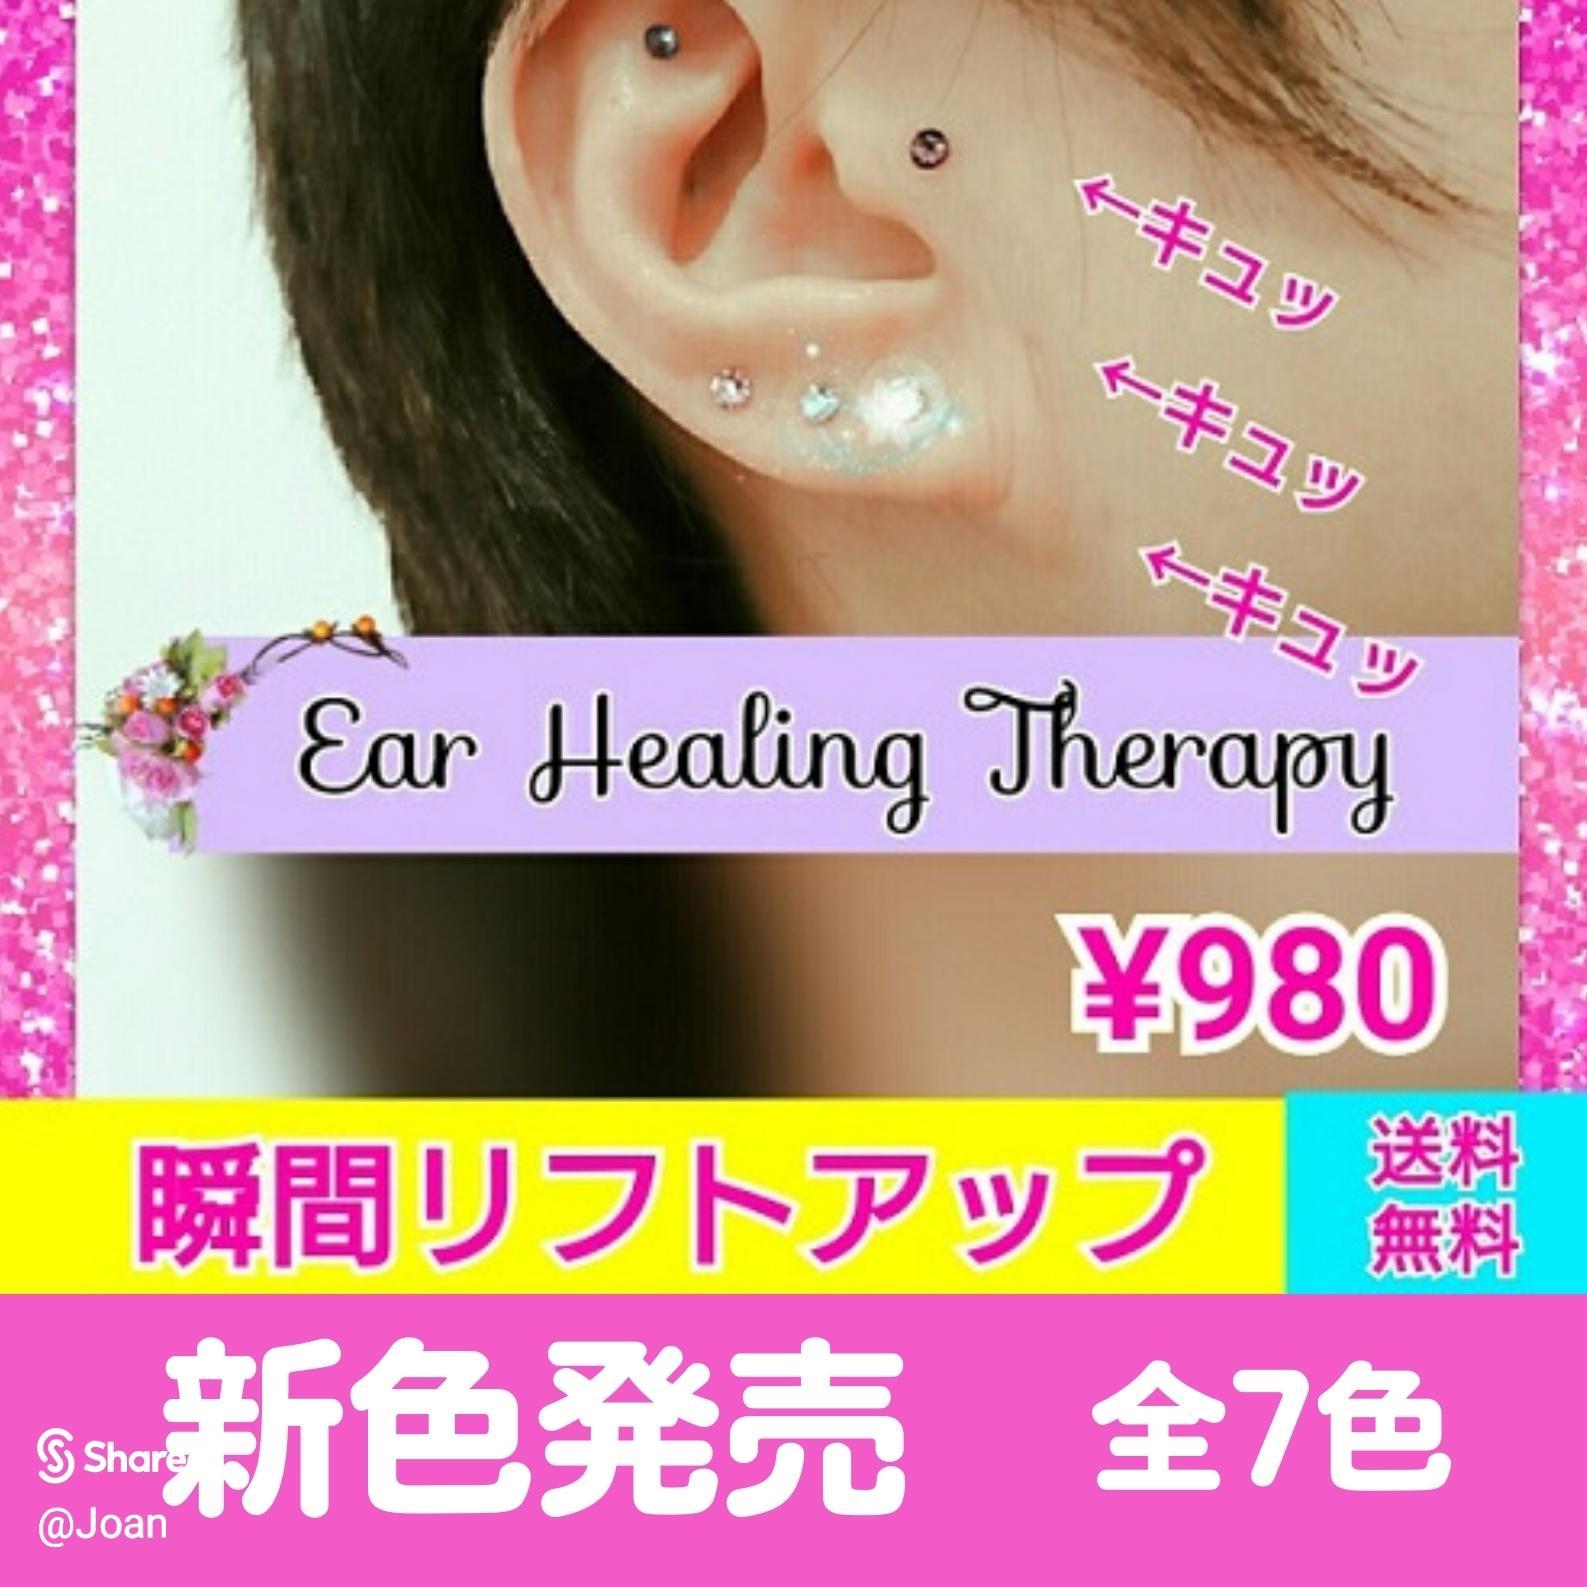 🟪アンチエイジングに特化した耳つぼの画像 (3枚目)